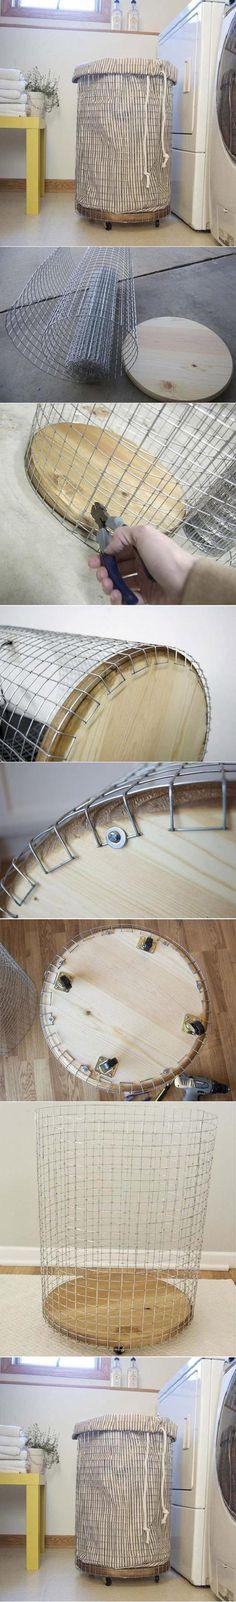 cesta-ropa-malla-metalica-muy-ingenioso-1